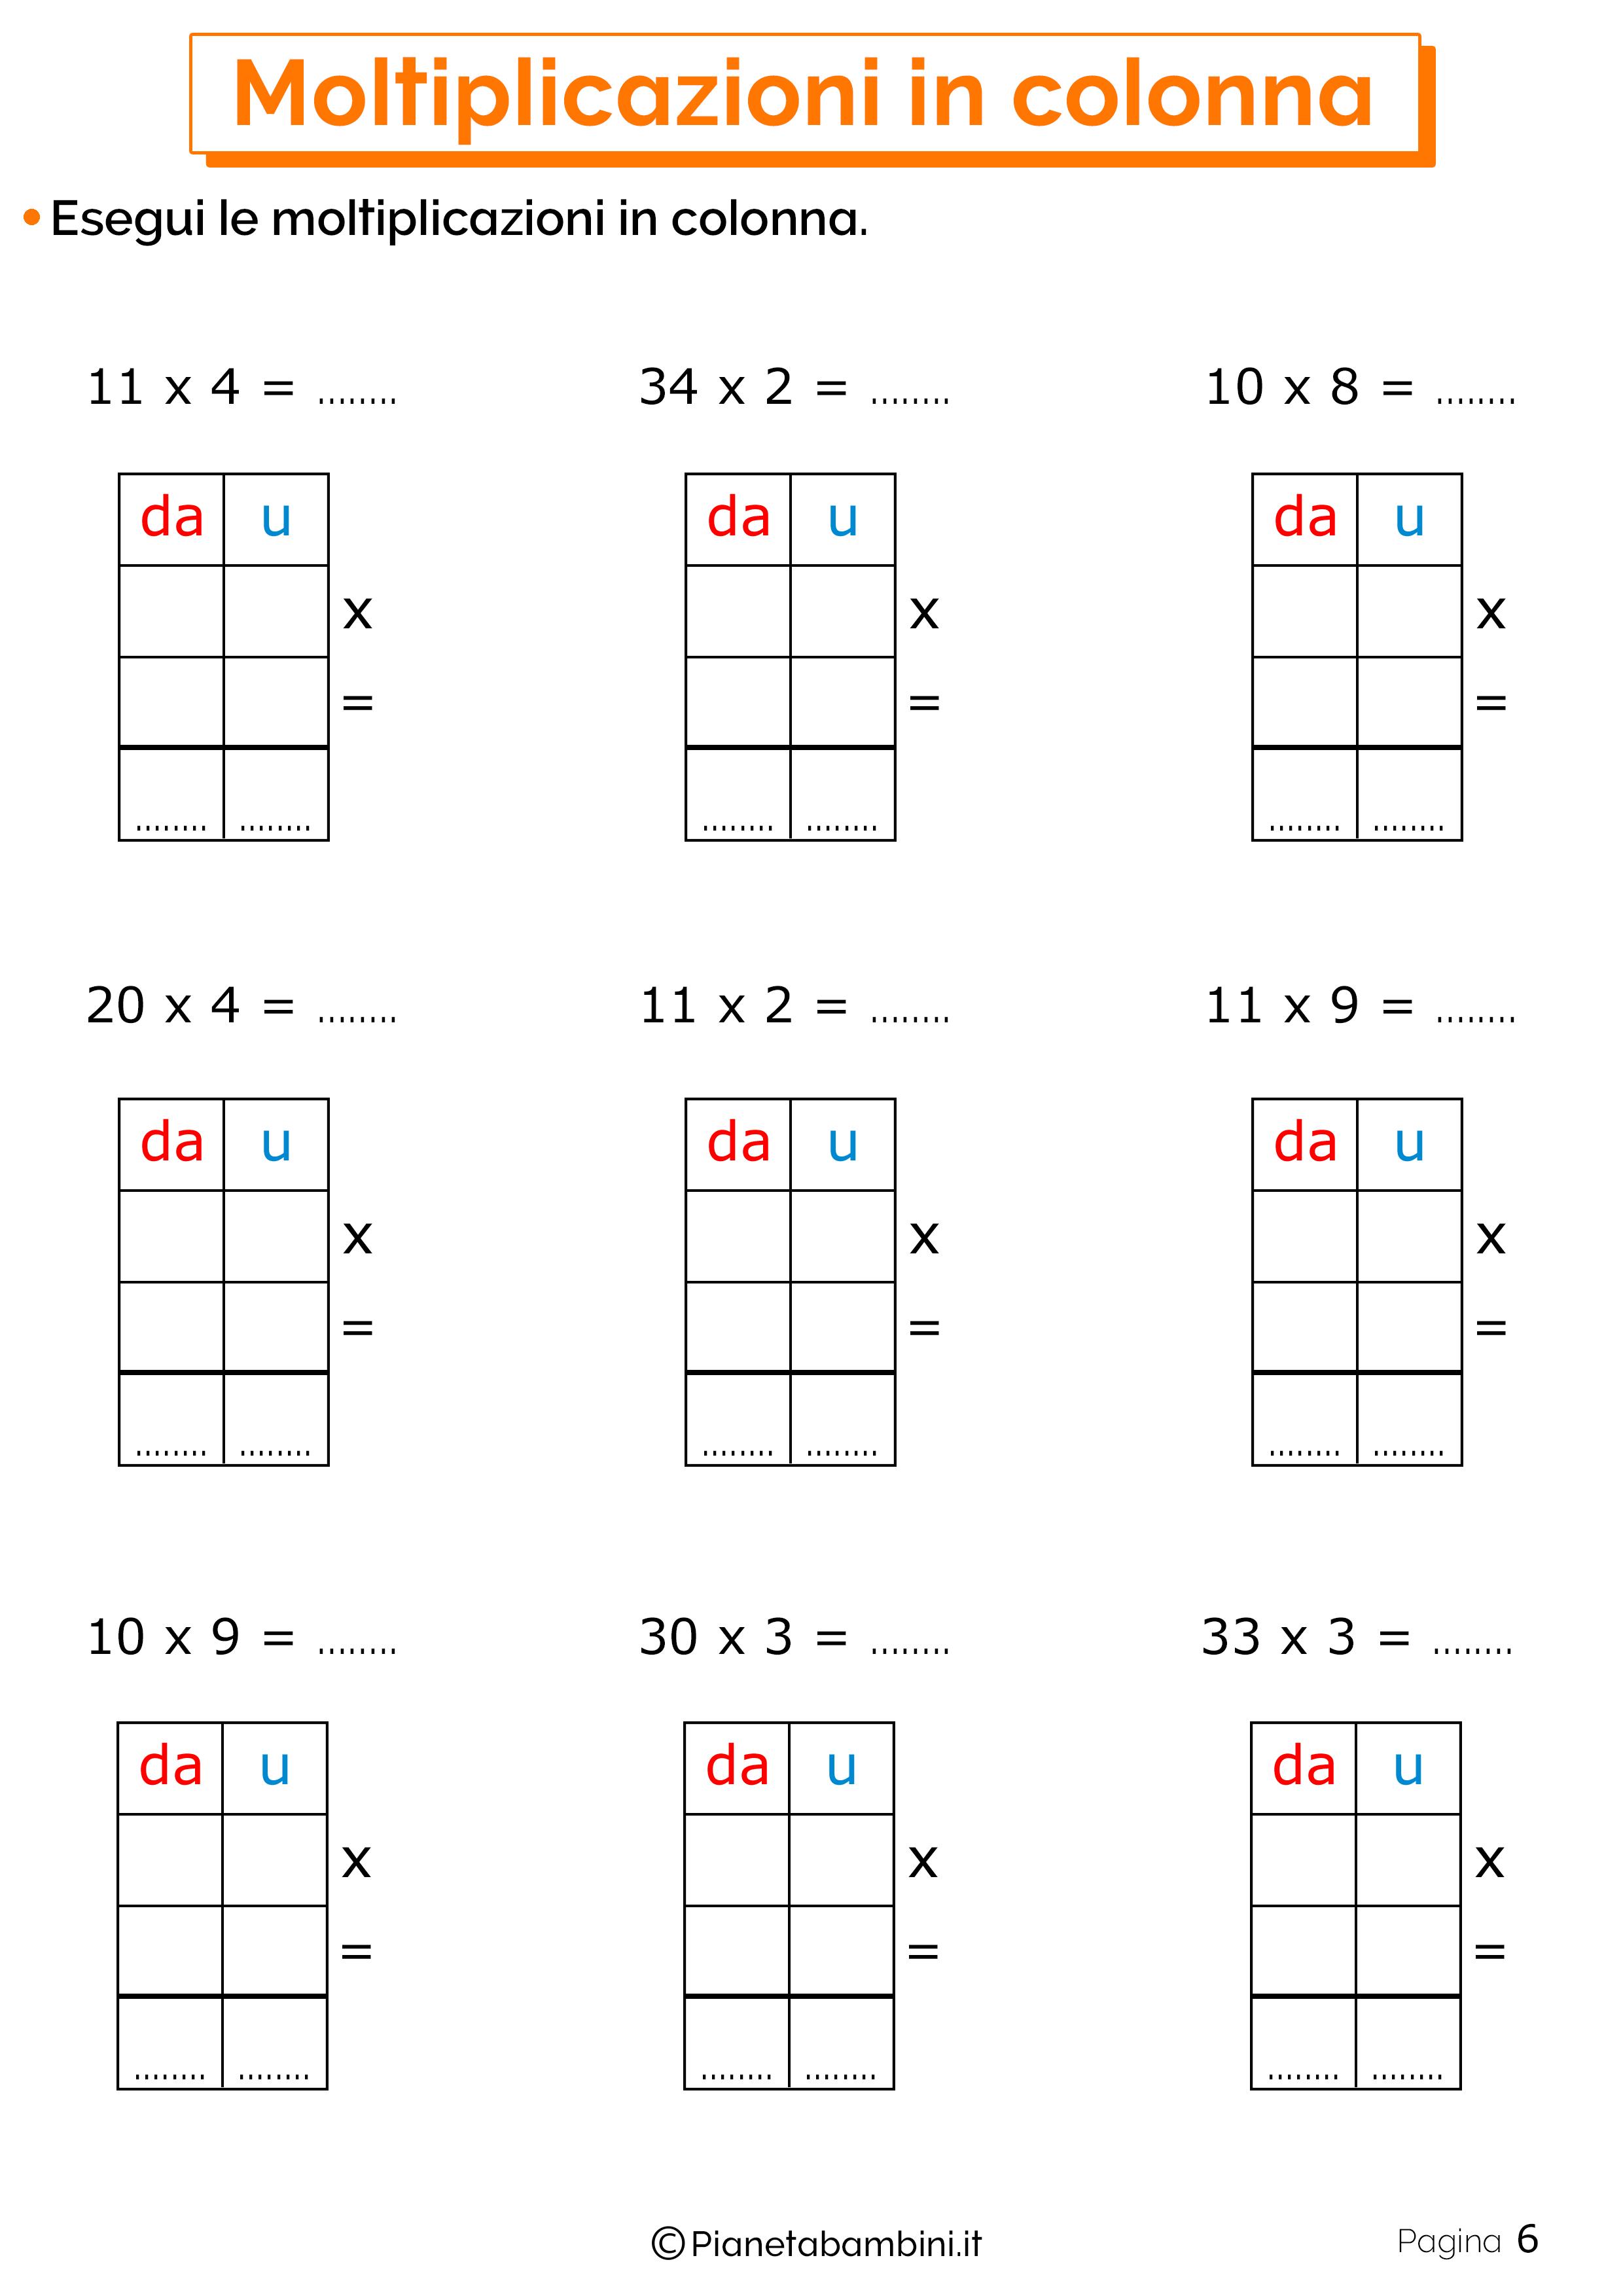 Schede didattiche sulle moltiplicazioni in colonna 6